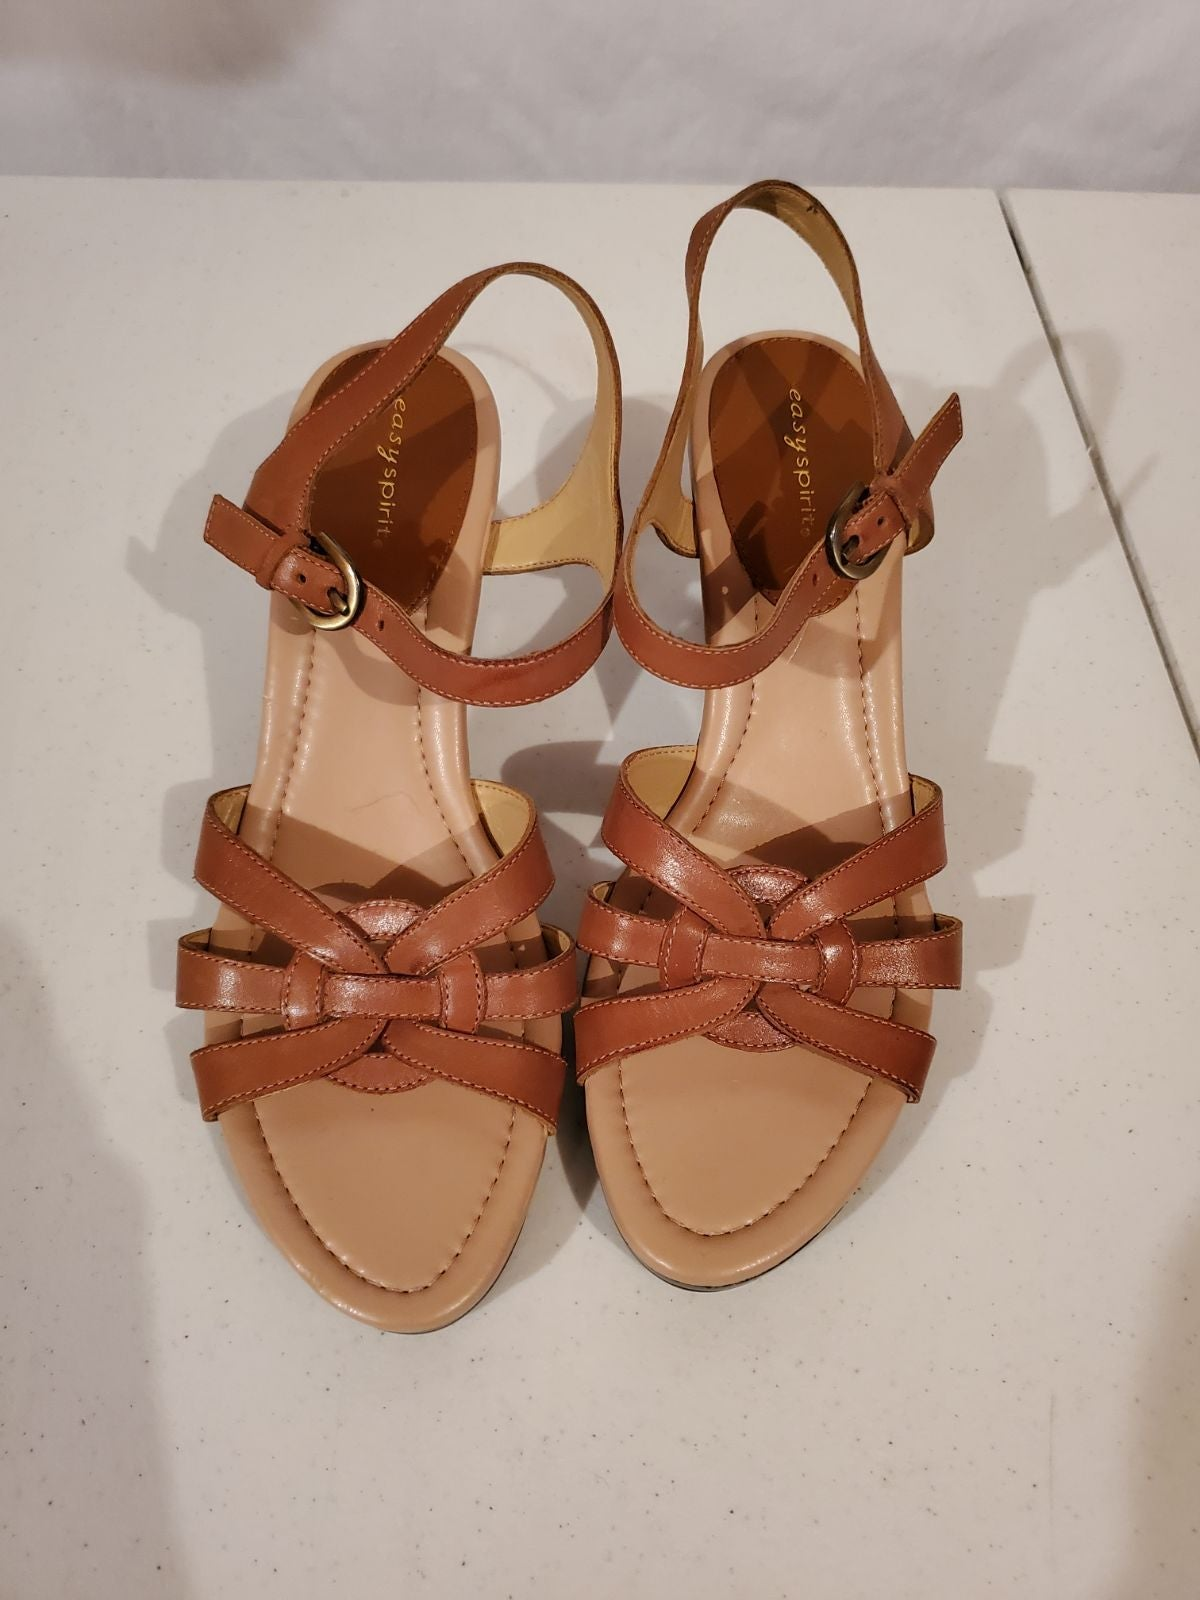 Easy spirit wedge sandals women's size 1